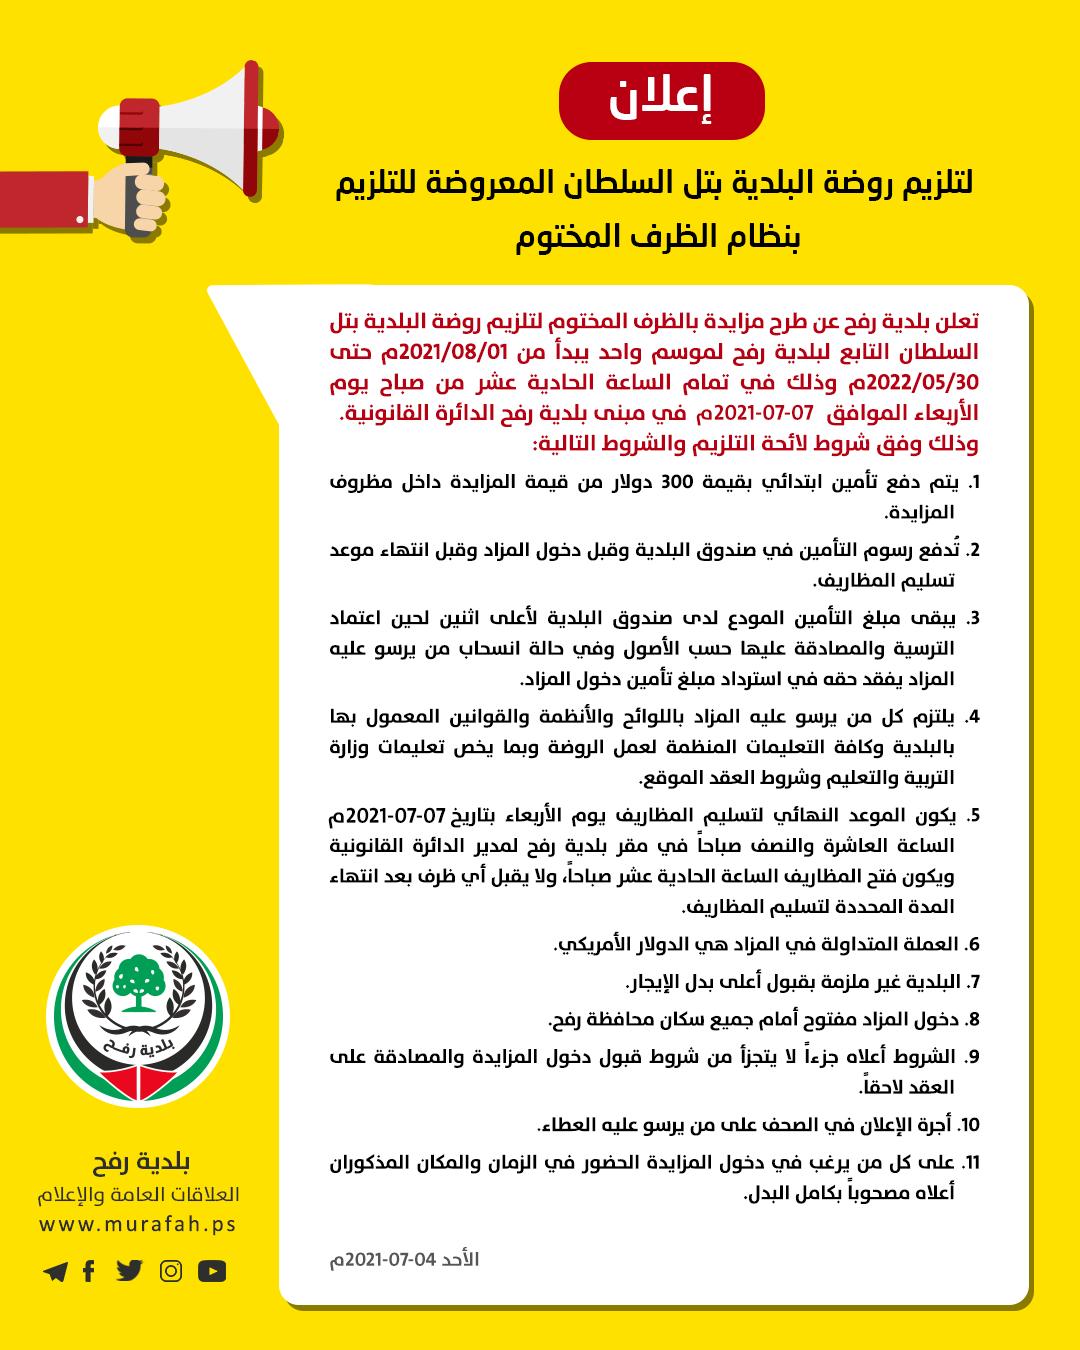 إعادة إعلان صادر عن بلدية رفح لتلزيم روضة البلدية بتل السلطان.